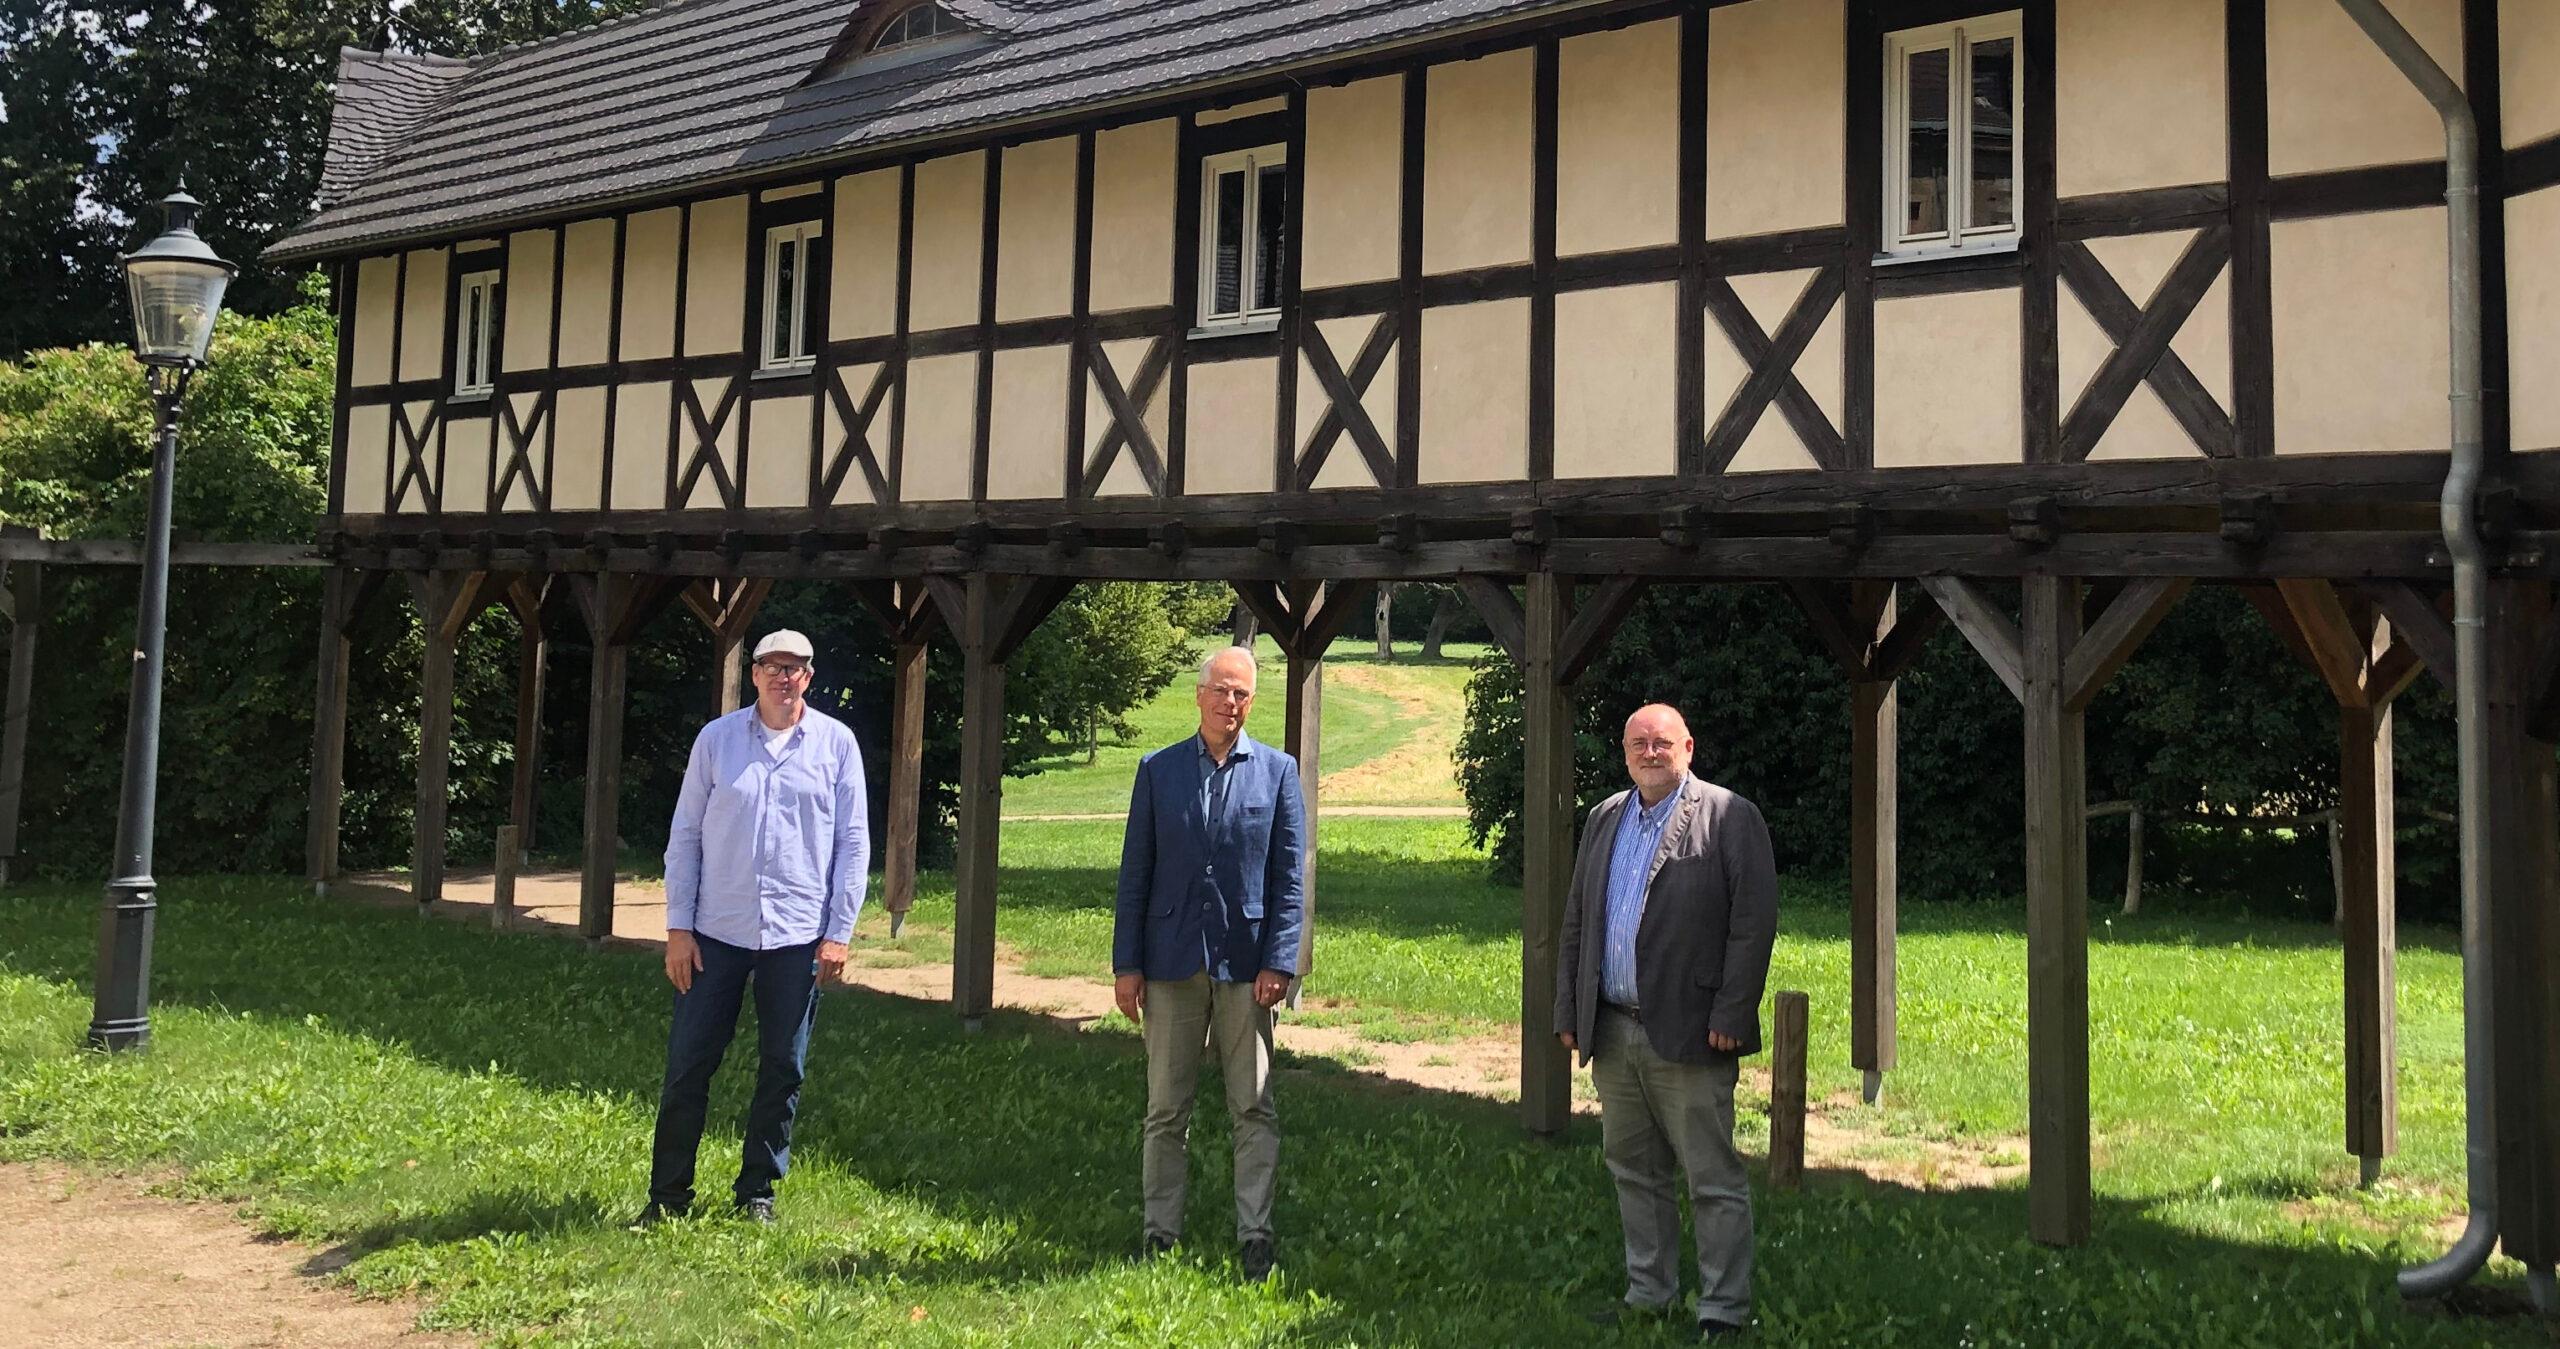 Am alten Schloss: Baruths Koordinator für kommunale Enwicklungspolitik, Karsten Wittke, Heiner Klemp und Bürgermeister Peter Ilk (von links).